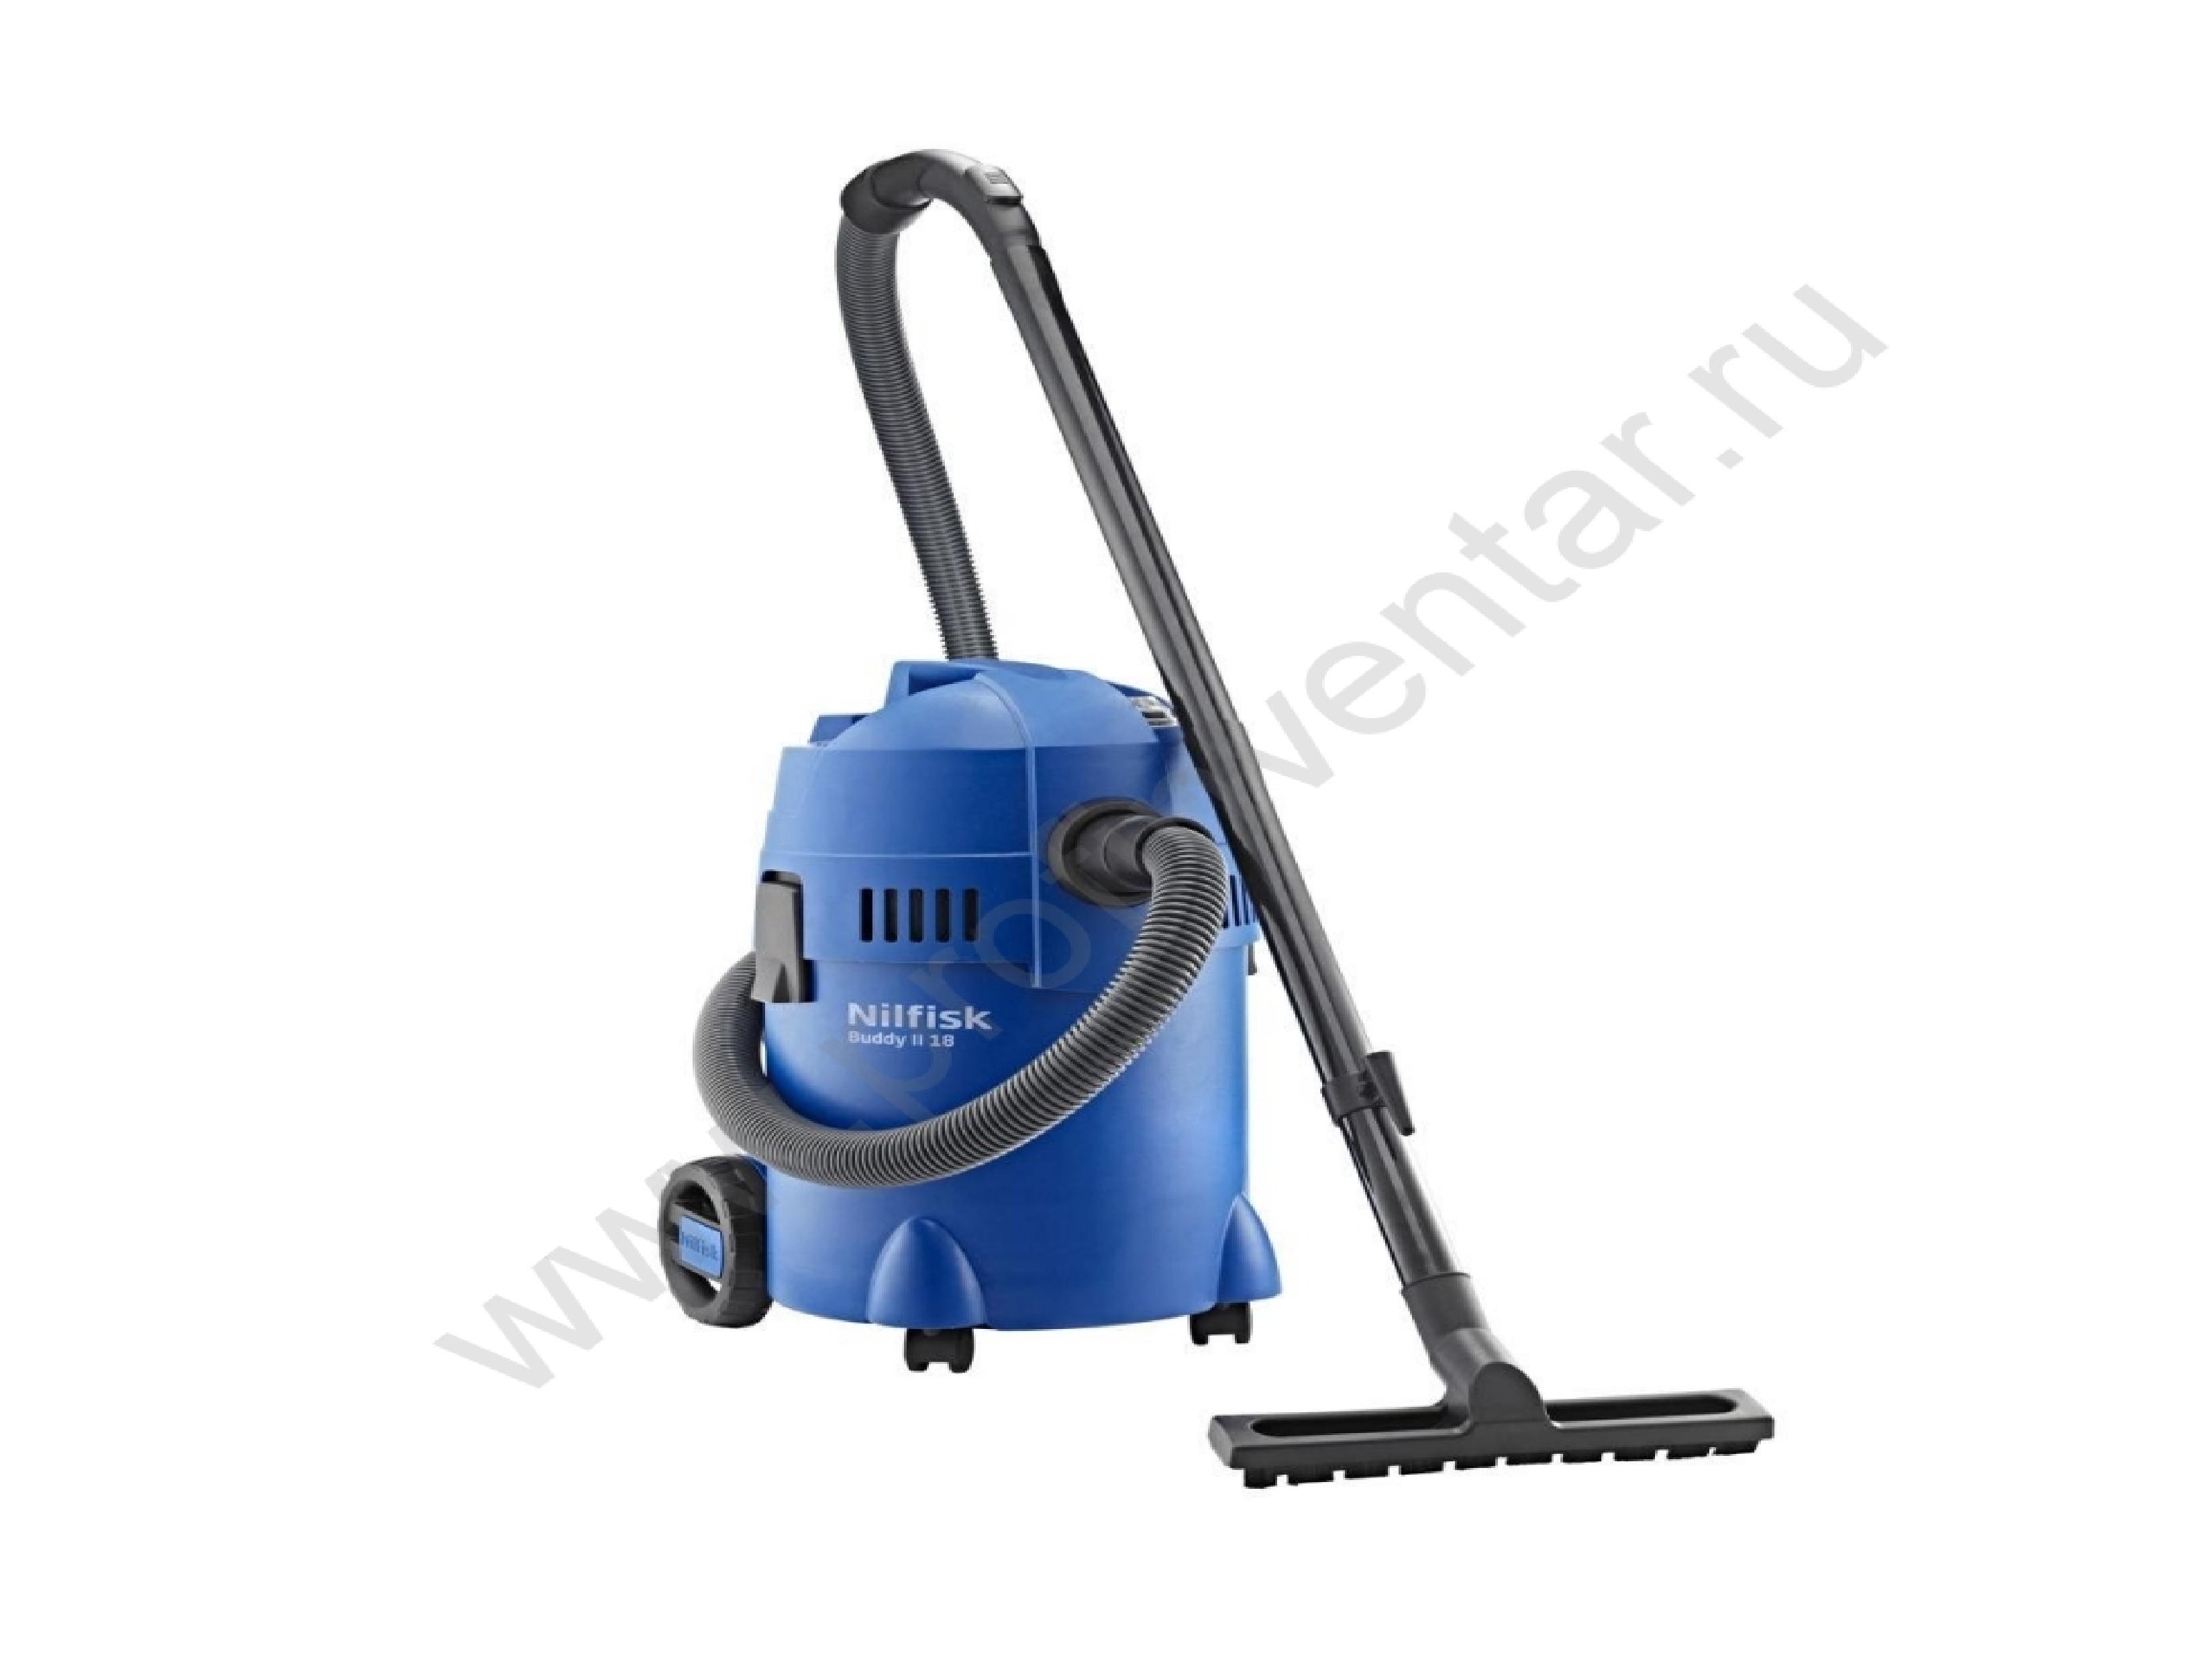 Nilfisk BUDDY II 18 Бытовой пылесос для сухой и влажной уборки